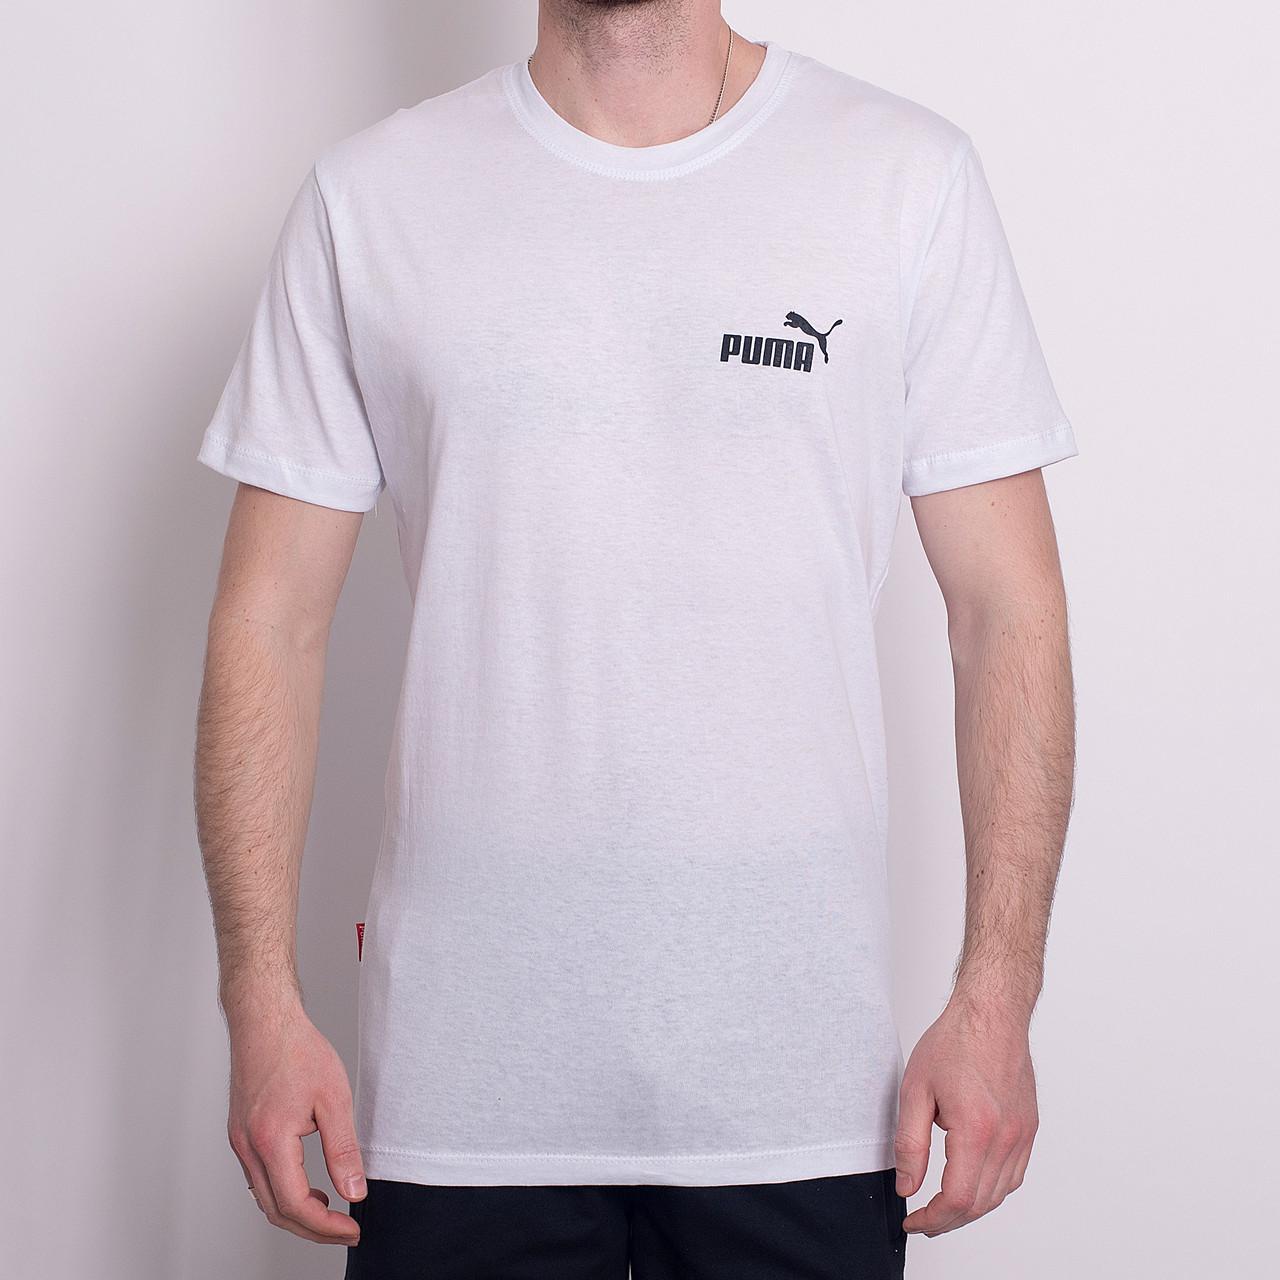 Чоловіча спортивна футболка PUMA, білого кольору